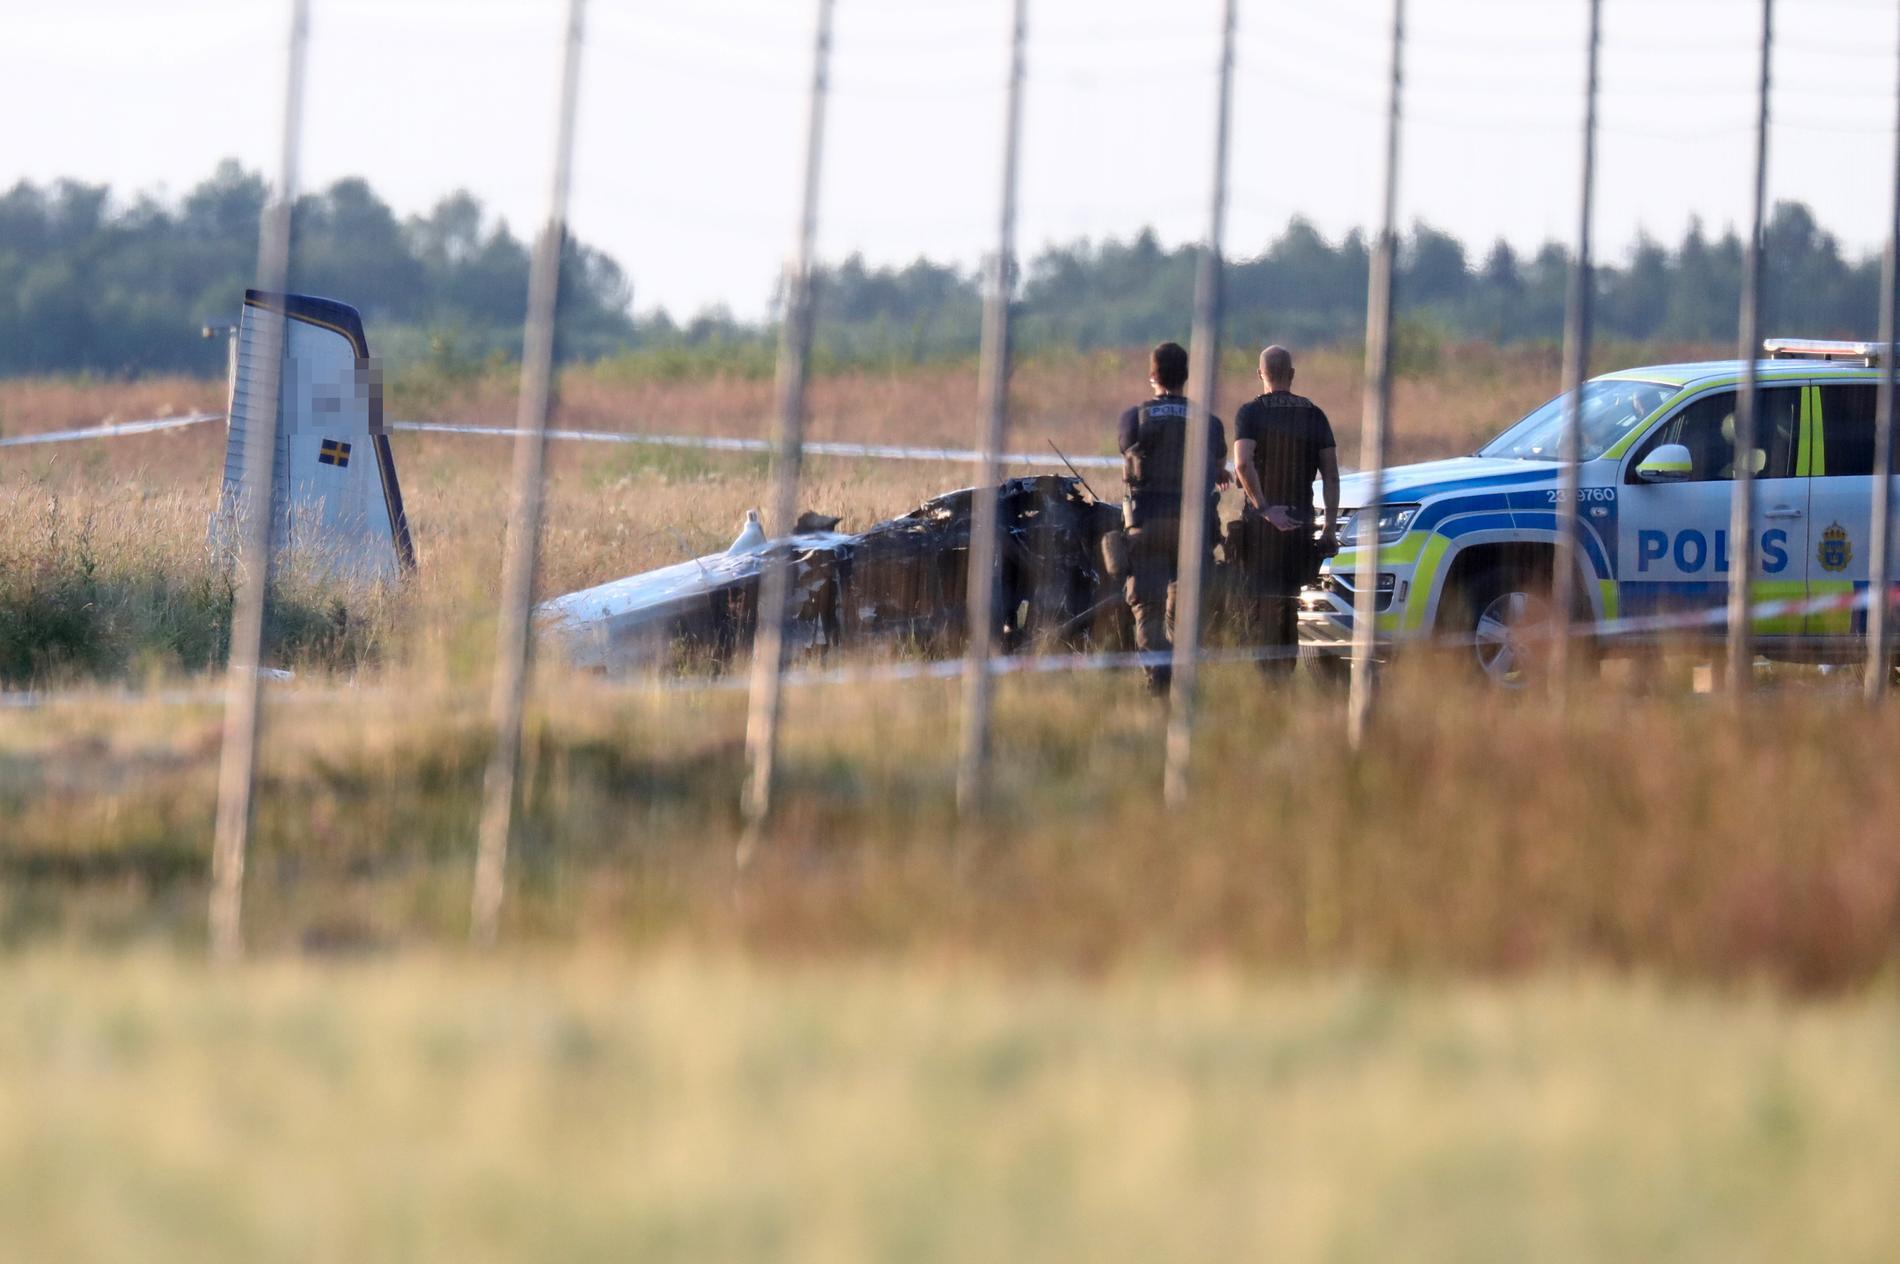 Kraschade skedde strax efter starten från Örebro flygfält. Enligt haverikomissionen girade det kraftigt åt vänster innan det störtade, en teori är att något skedde på landningsbanan.